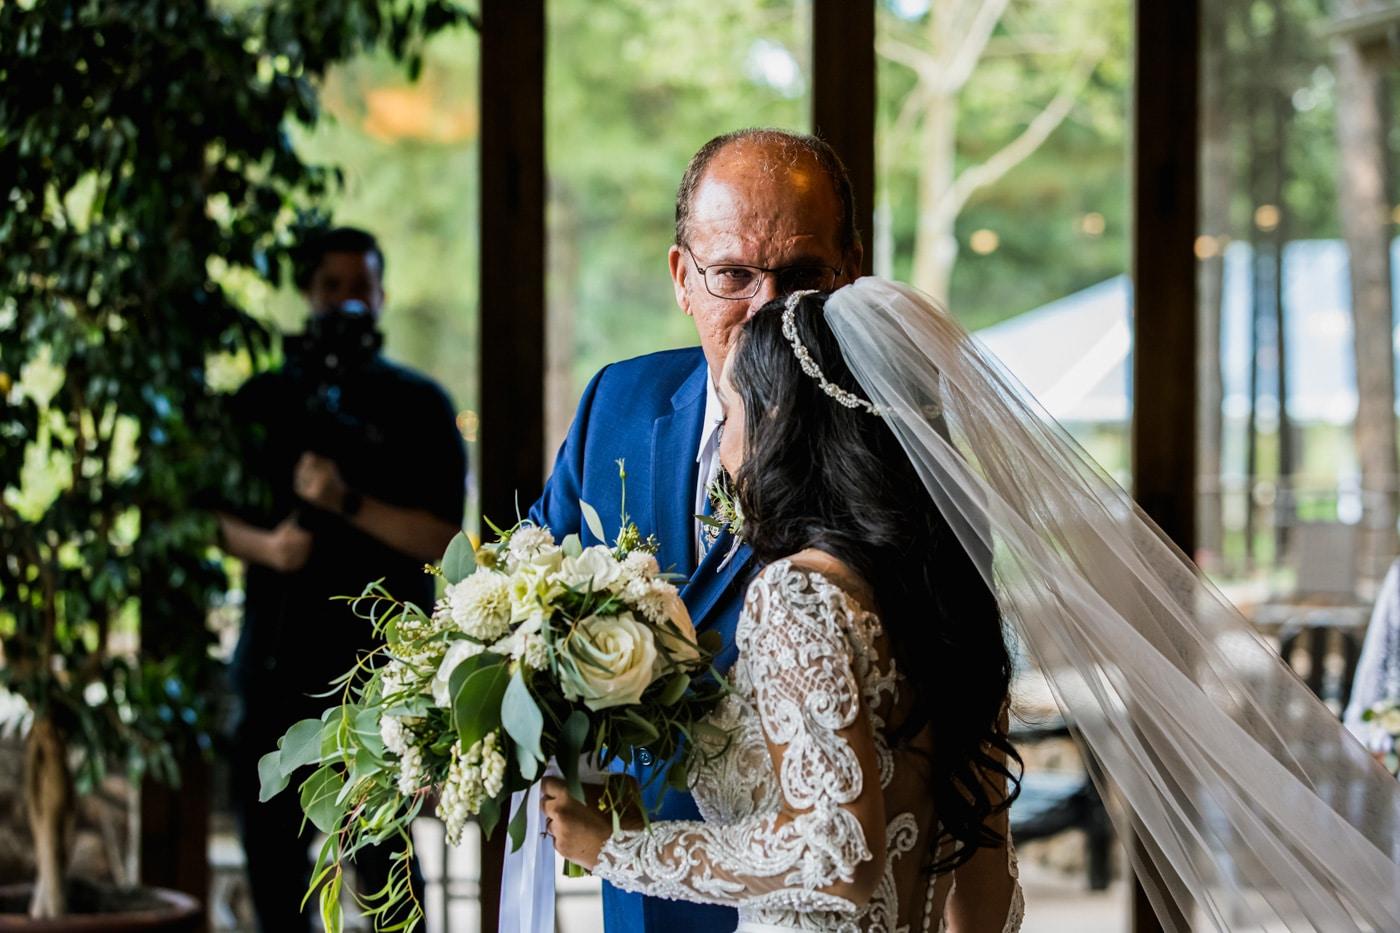 wedding ceremony photos 20